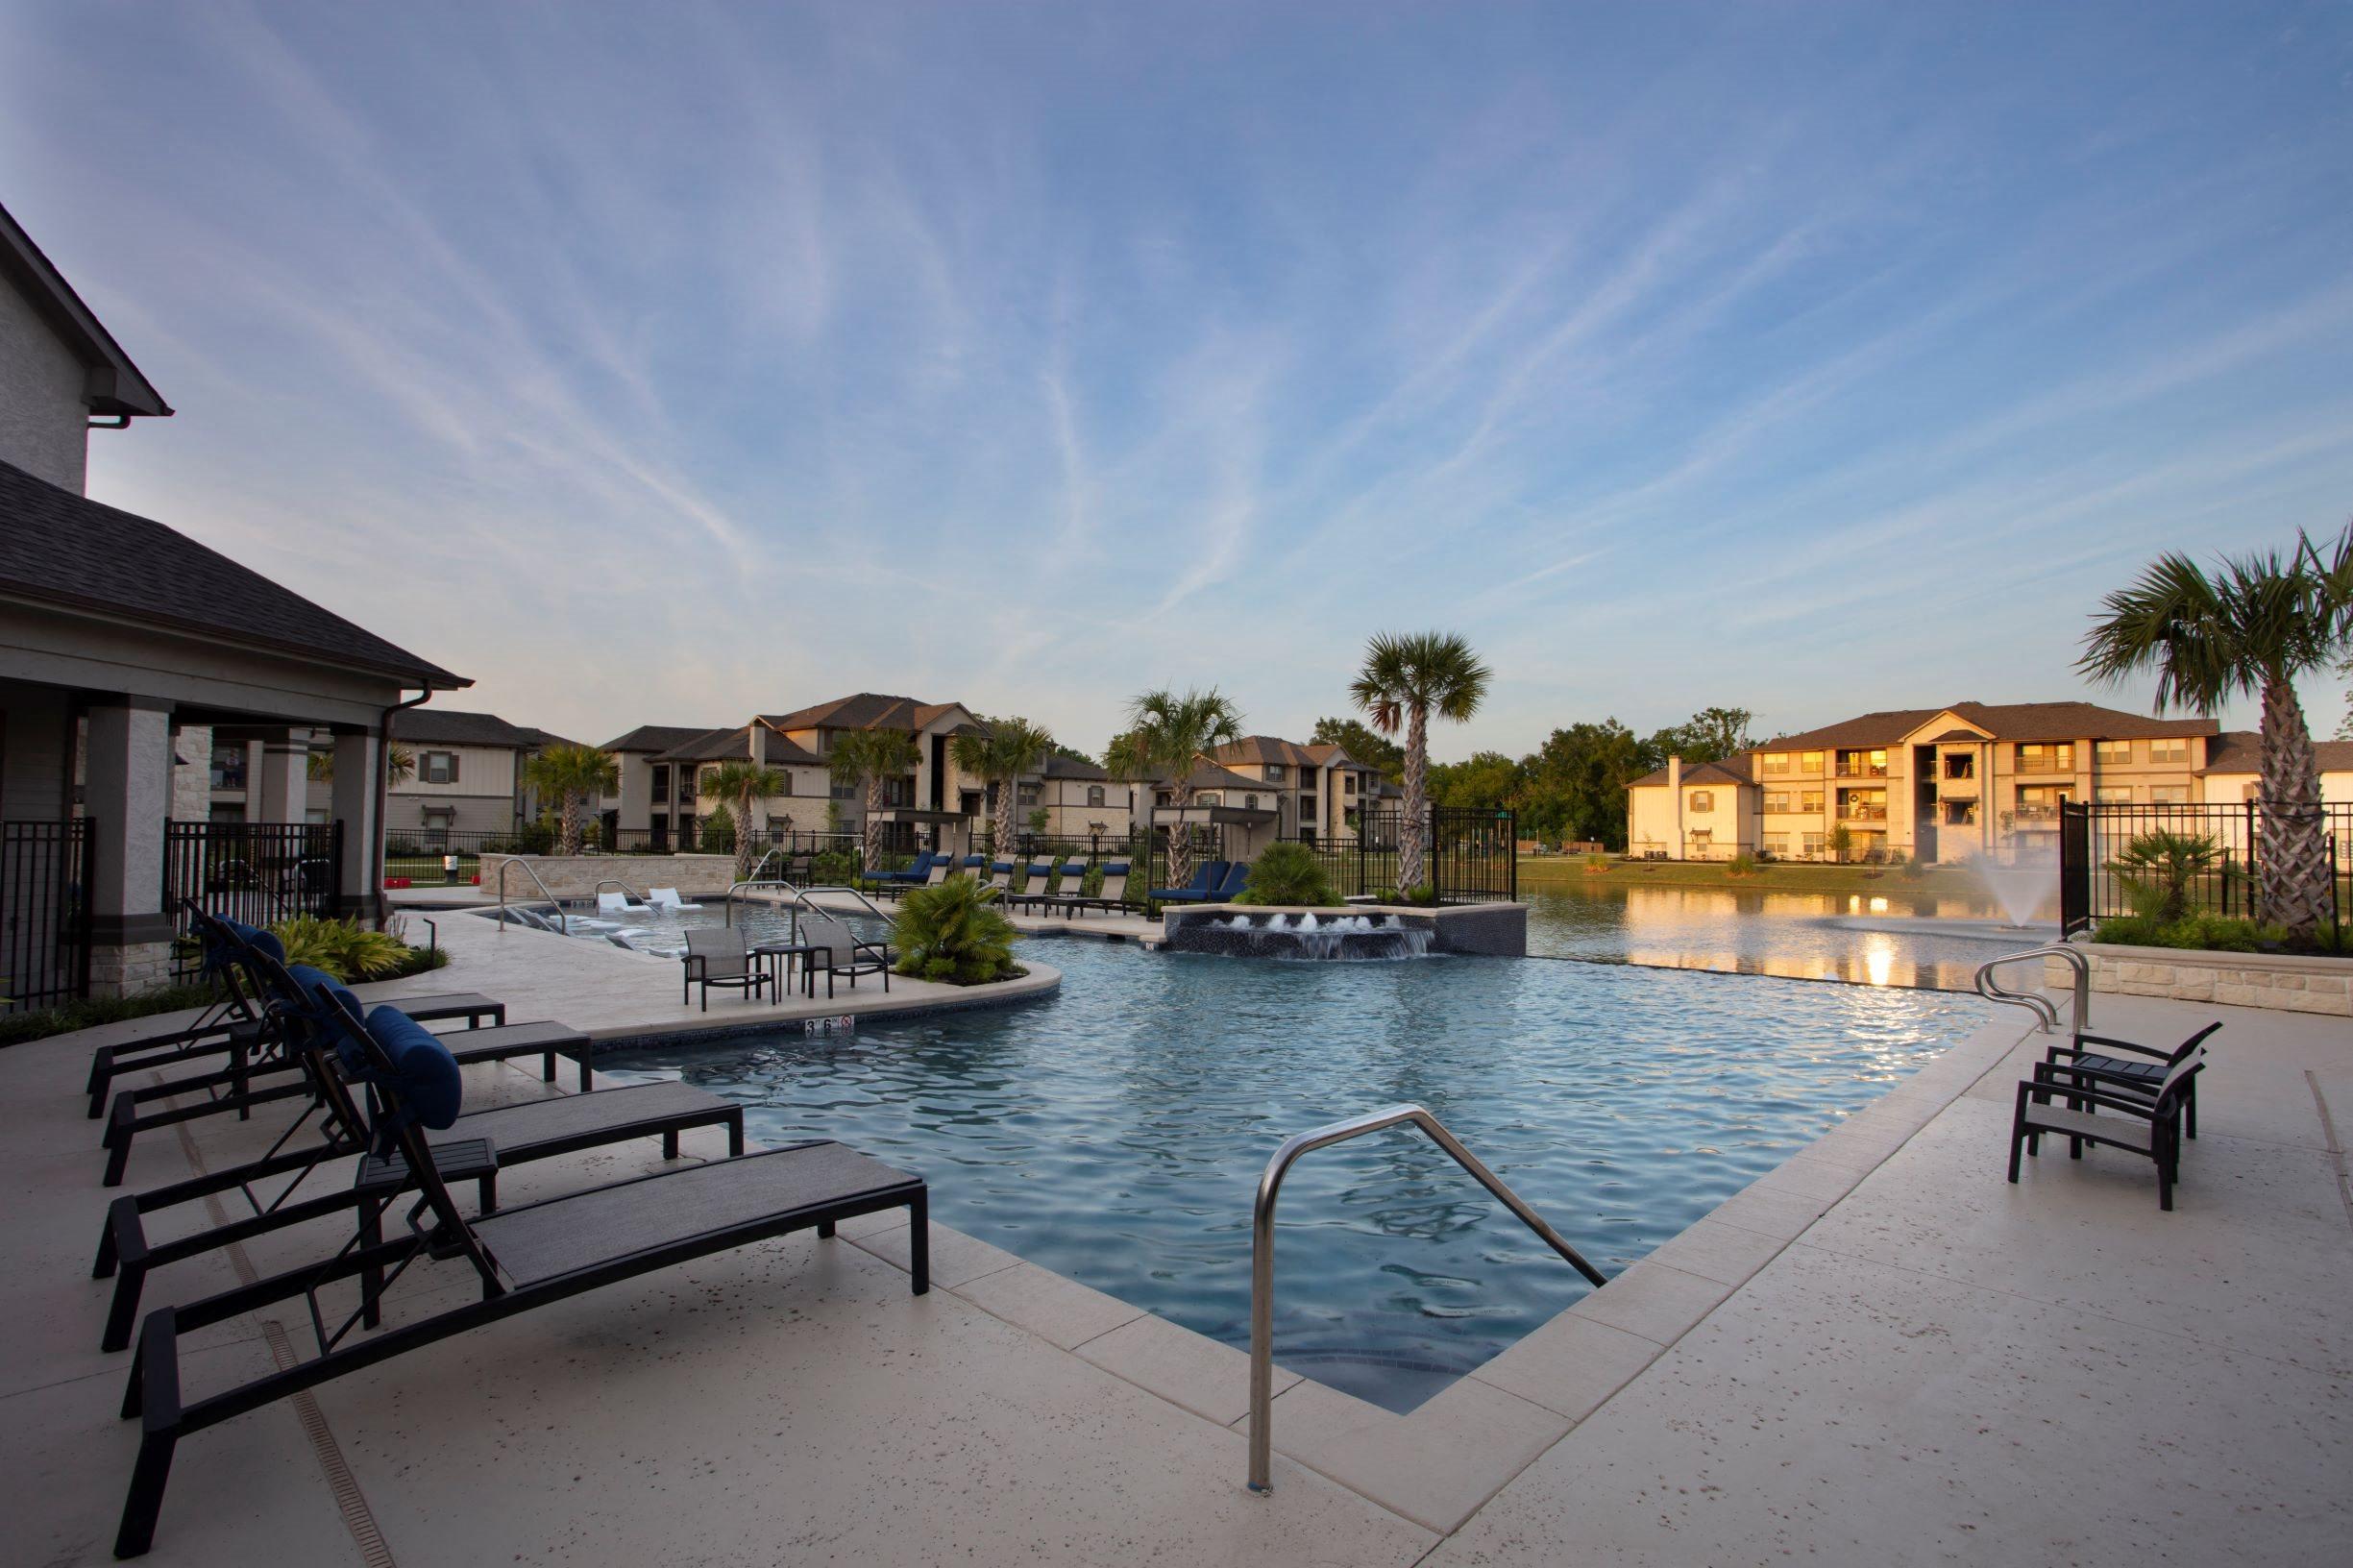 Pool at twilight at Legacy at 2020